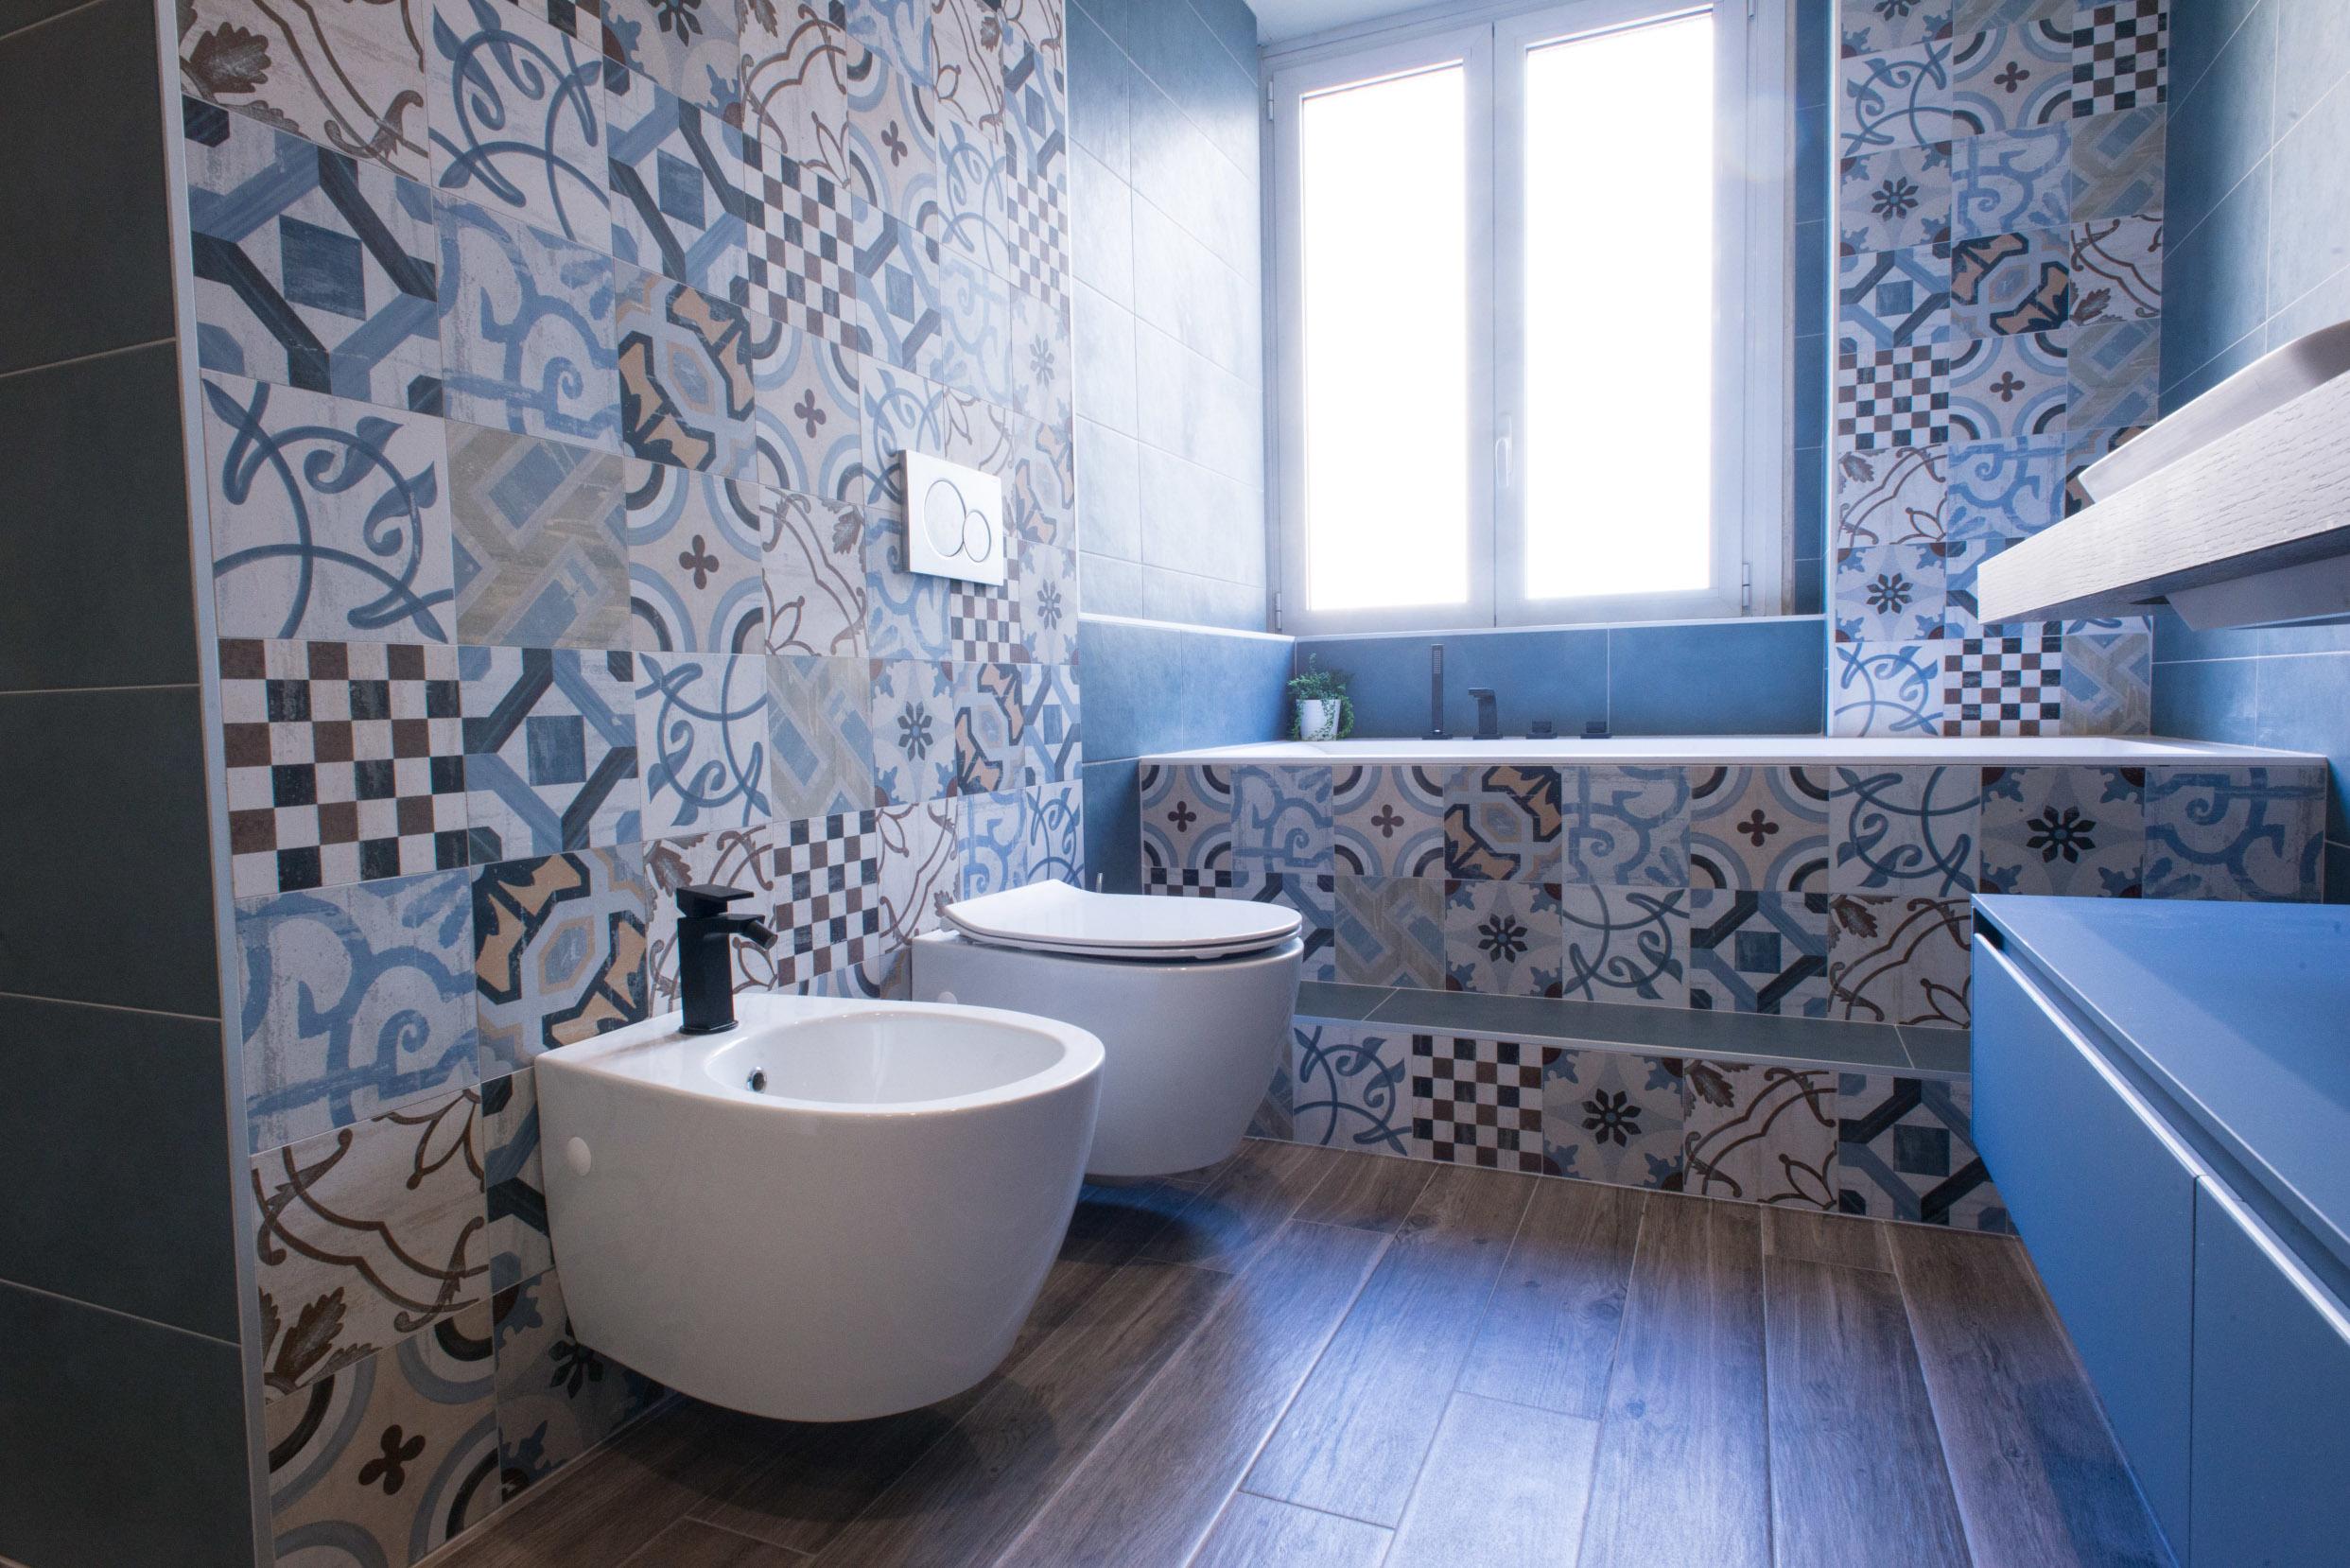 Chelli progetti realizzati cementine bagno chelli - Cementine bagno ...